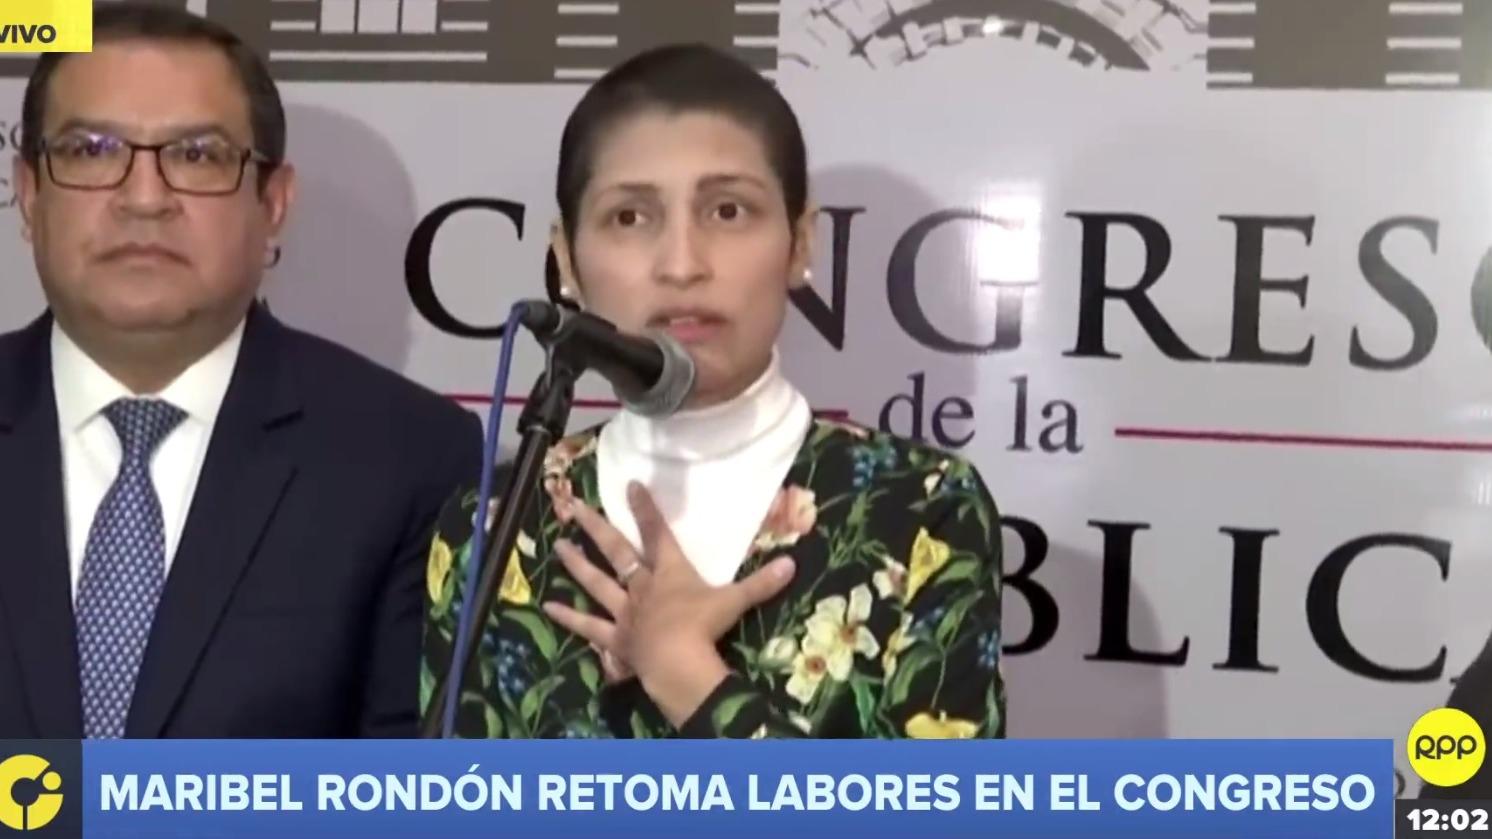 Maribel Rondón retoma labores en el Congreso